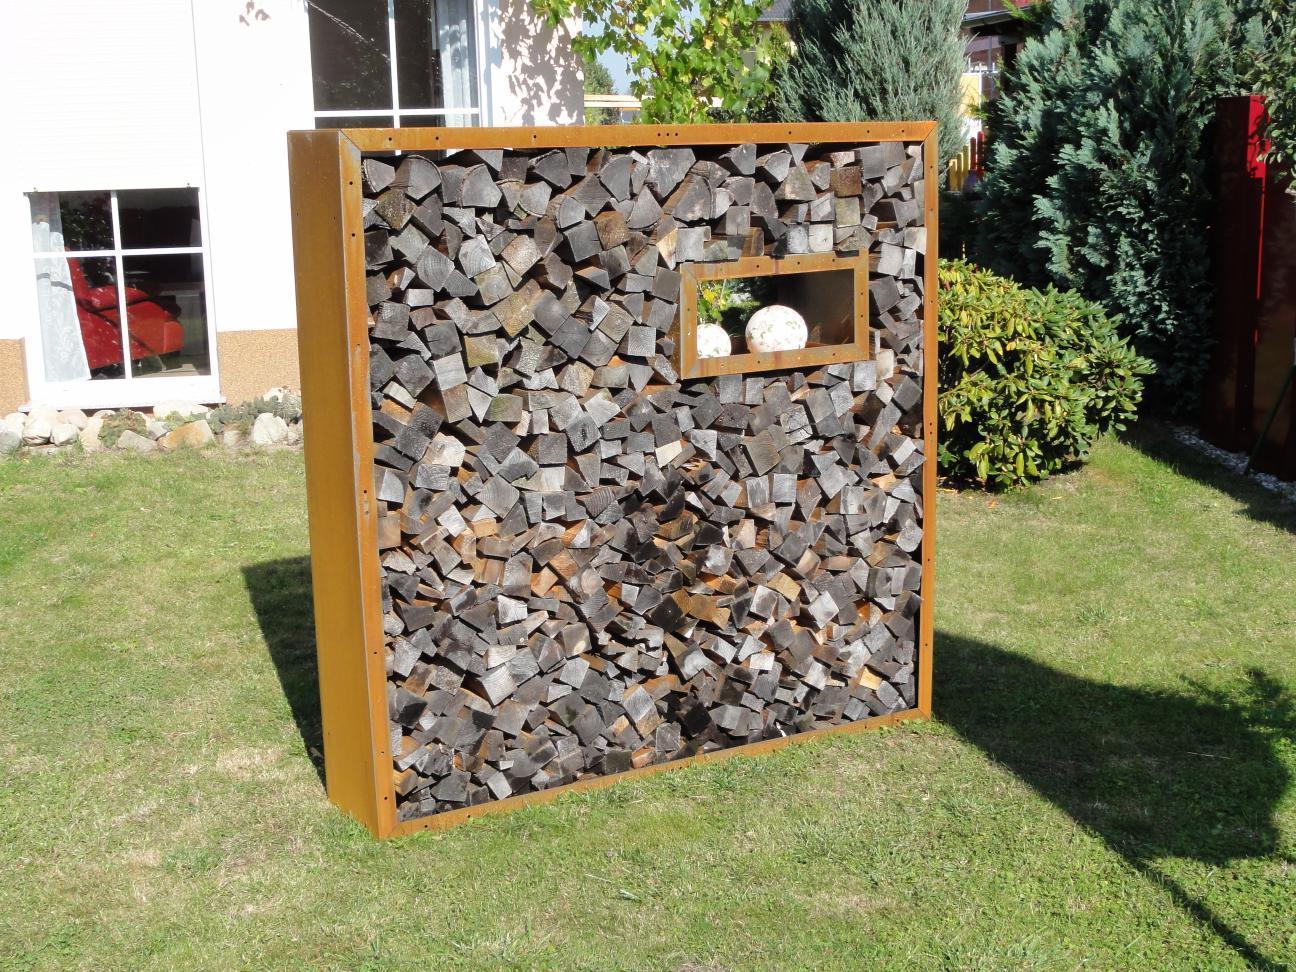 kaminholzregale aus metall f r den au enbereich langlebig u sch n. Black Bedroom Furniture Sets. Home Design Ideas